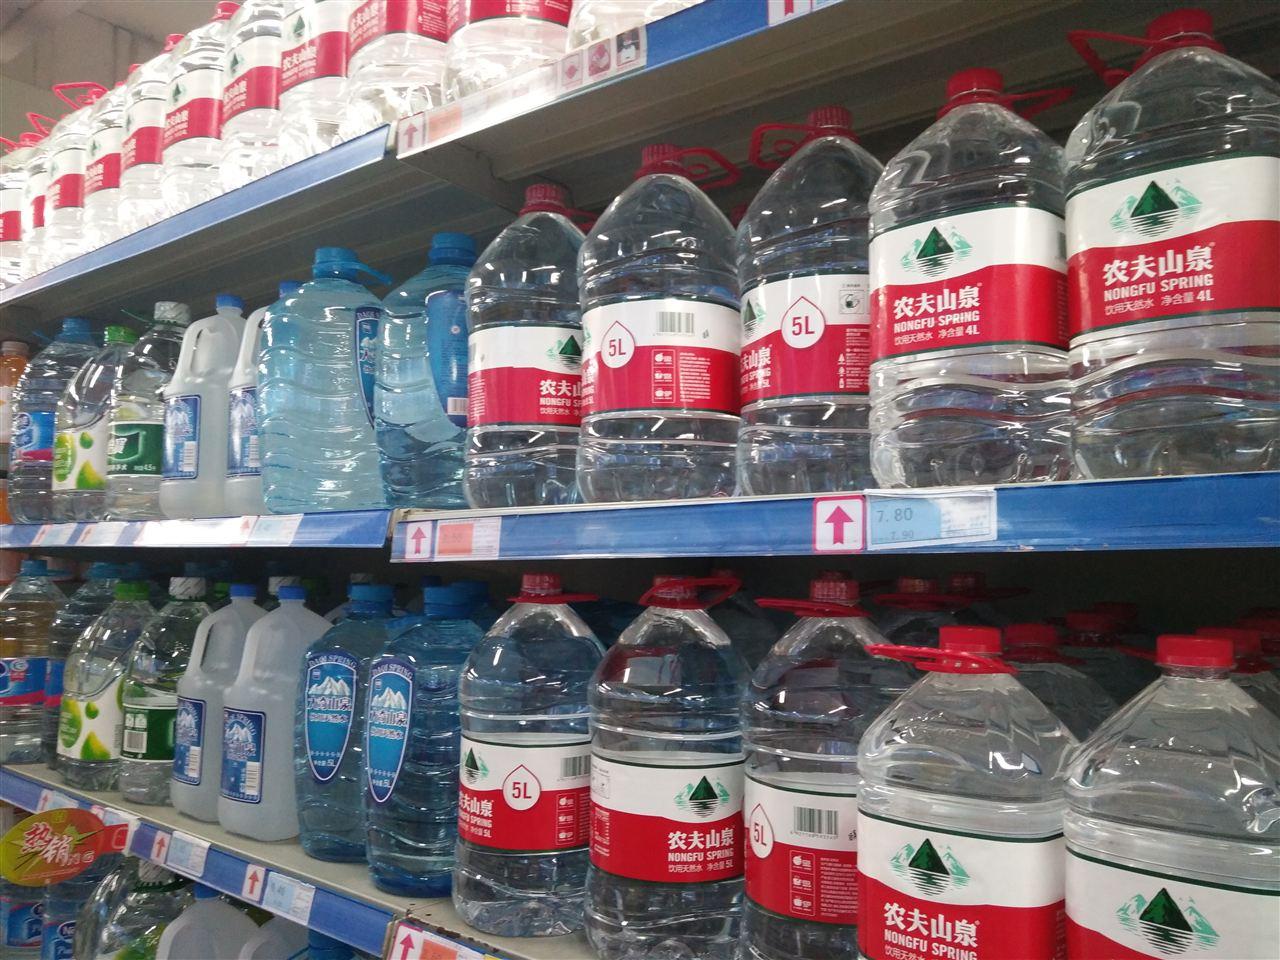 强制速度快点性国家标准报批公示 让生活你是谁饮用水生产更安全